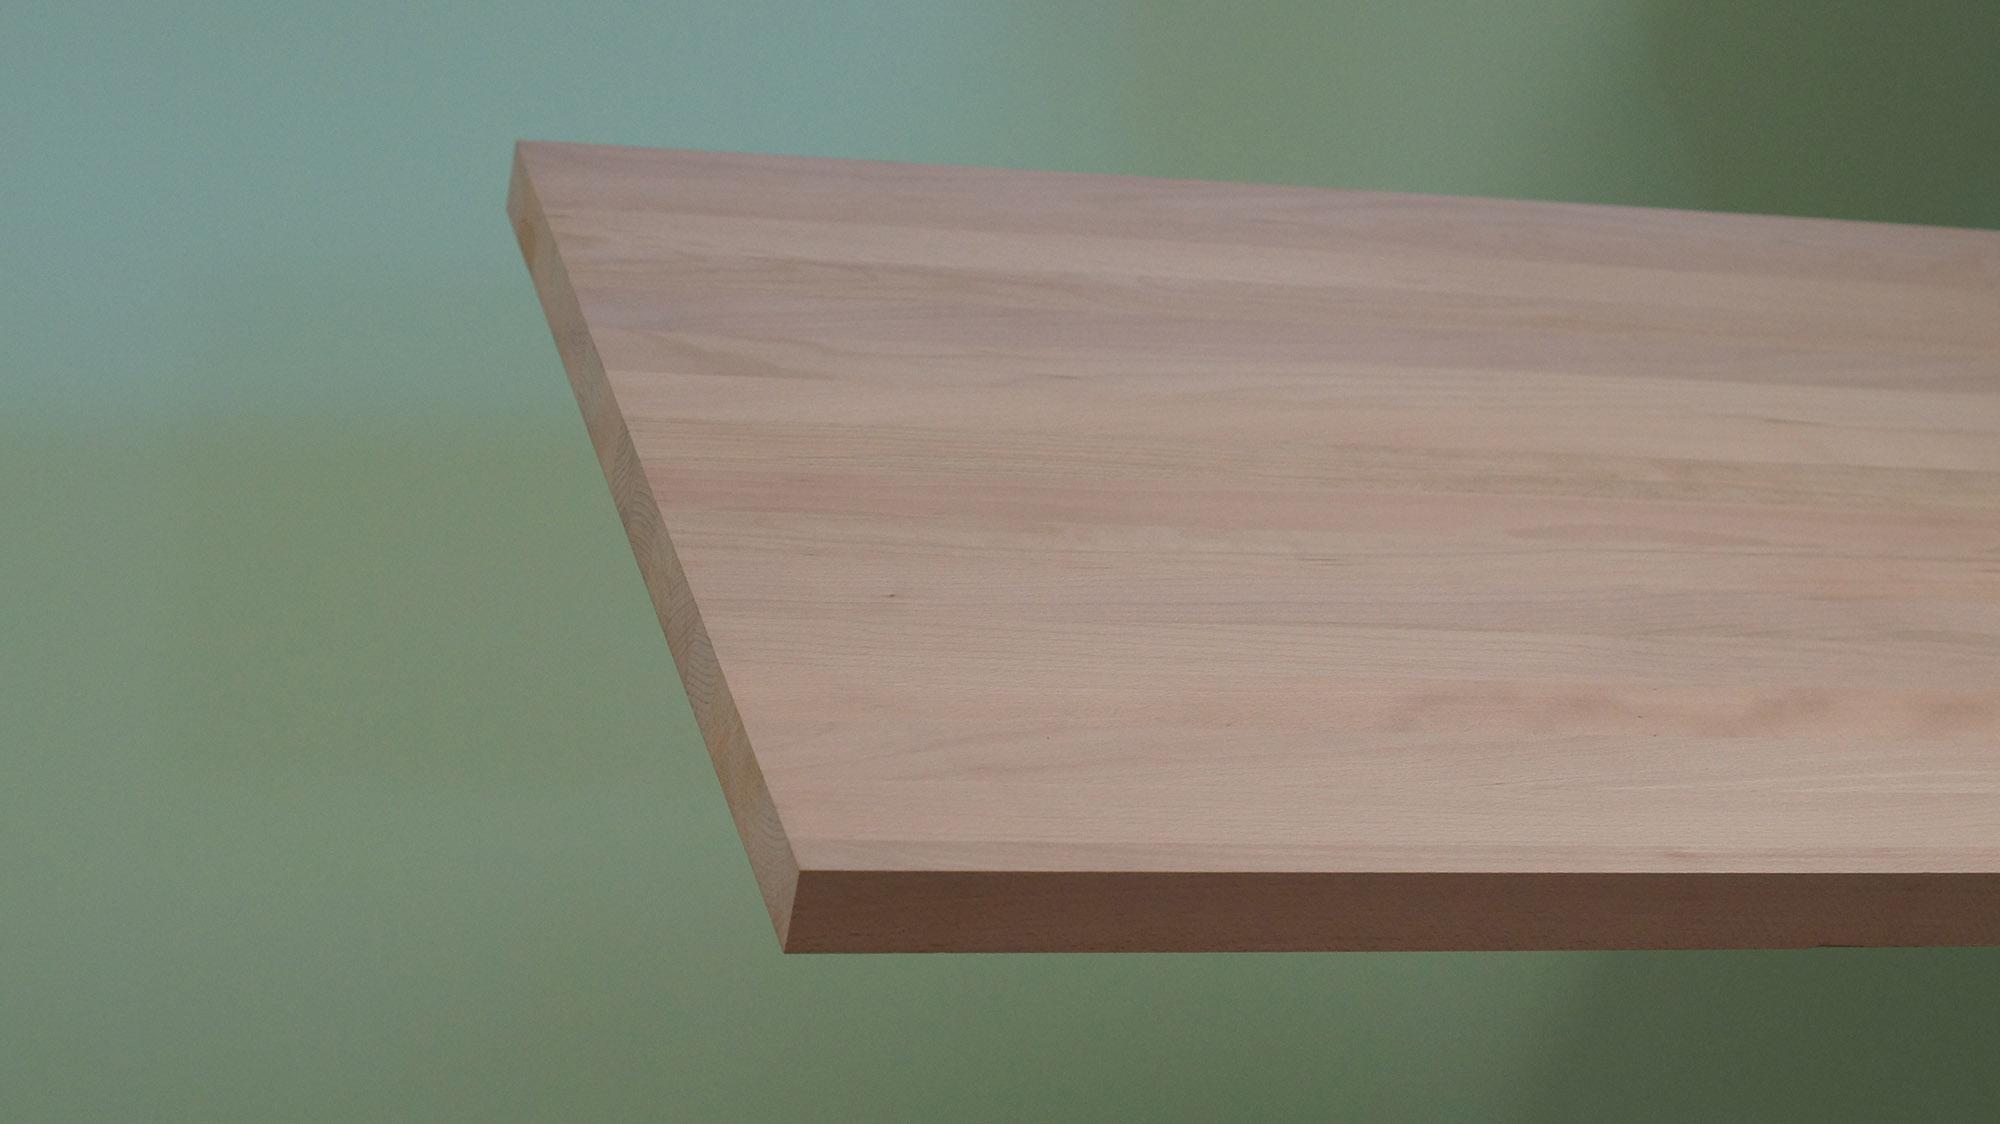 Купить мебельные Ель-сосна Щиты в Пензе